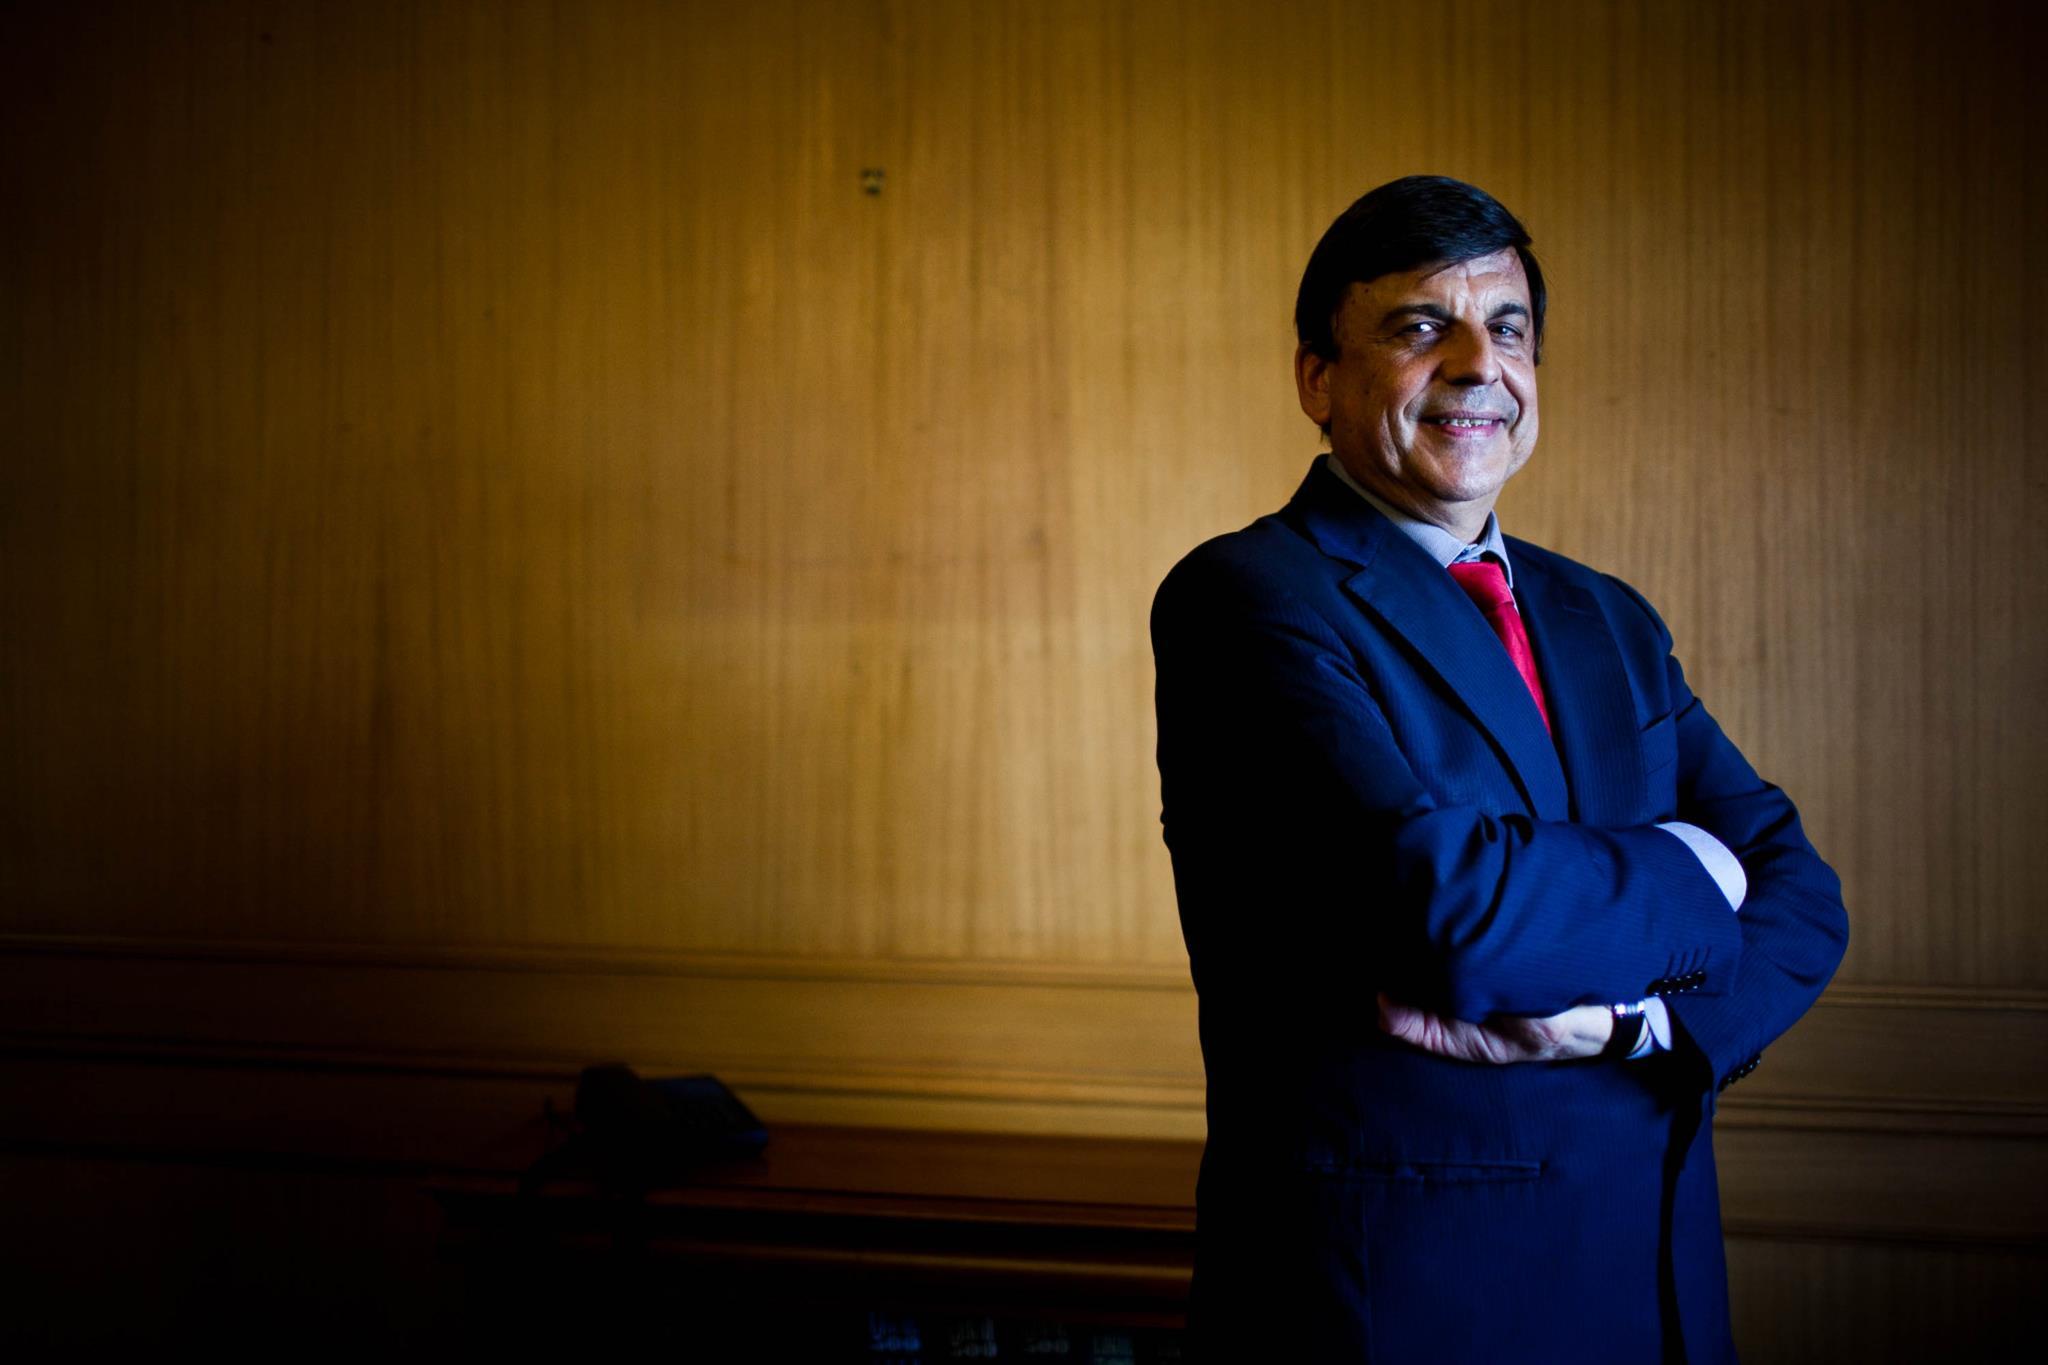 """José Manuel Coelho chama """"fascistas"""" aos juízes, Garcia Pereira diz que decisão é """"justa"""""""